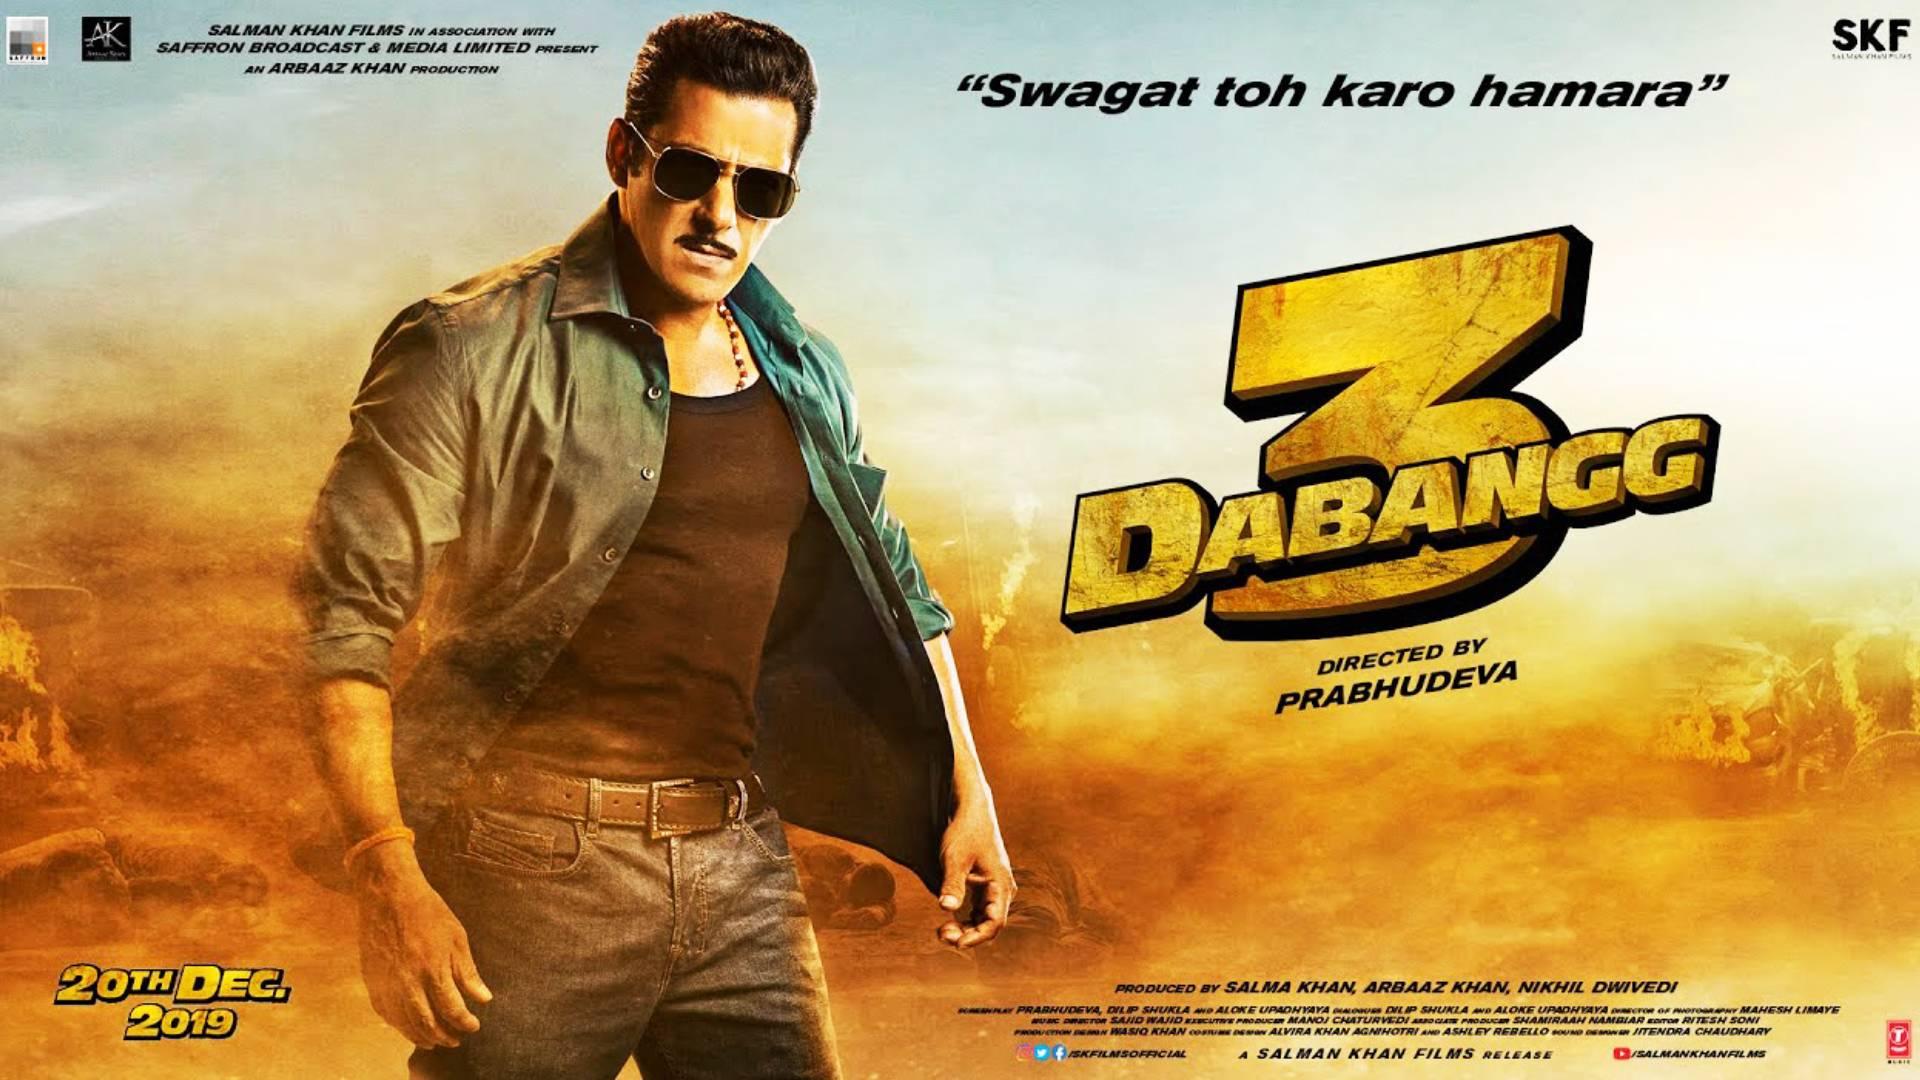 Dabangg 3 Trailer: पहले से ज्यादा दबंग स्टाइल में नजर आए सलमान खान, सामने आते ही बोले-आ गया 'पुलिस वाला गुंडा'